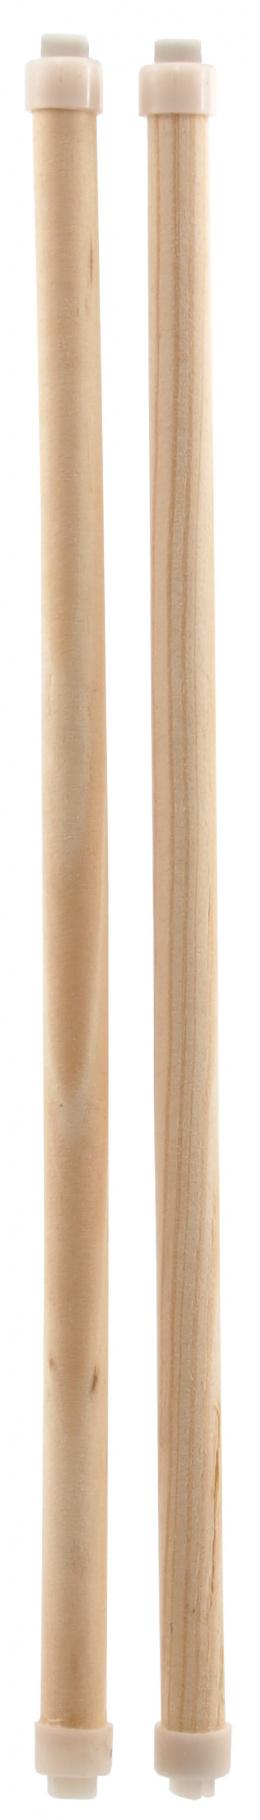 Bidlo BJ drevo 61cm 2ks